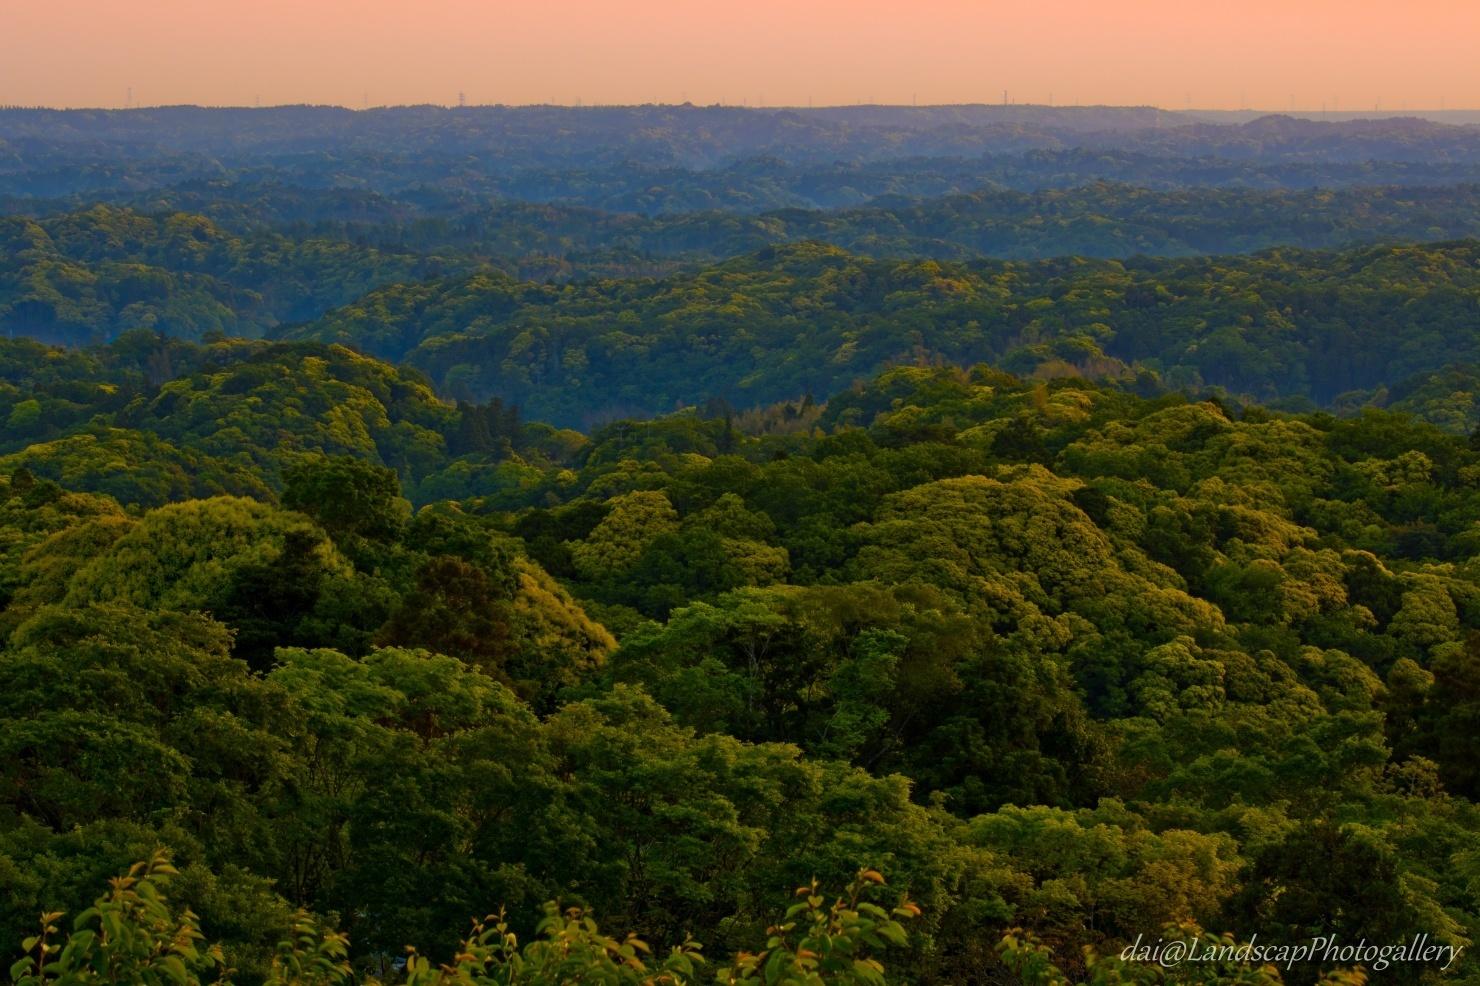 常緑広葉樹林の朝景